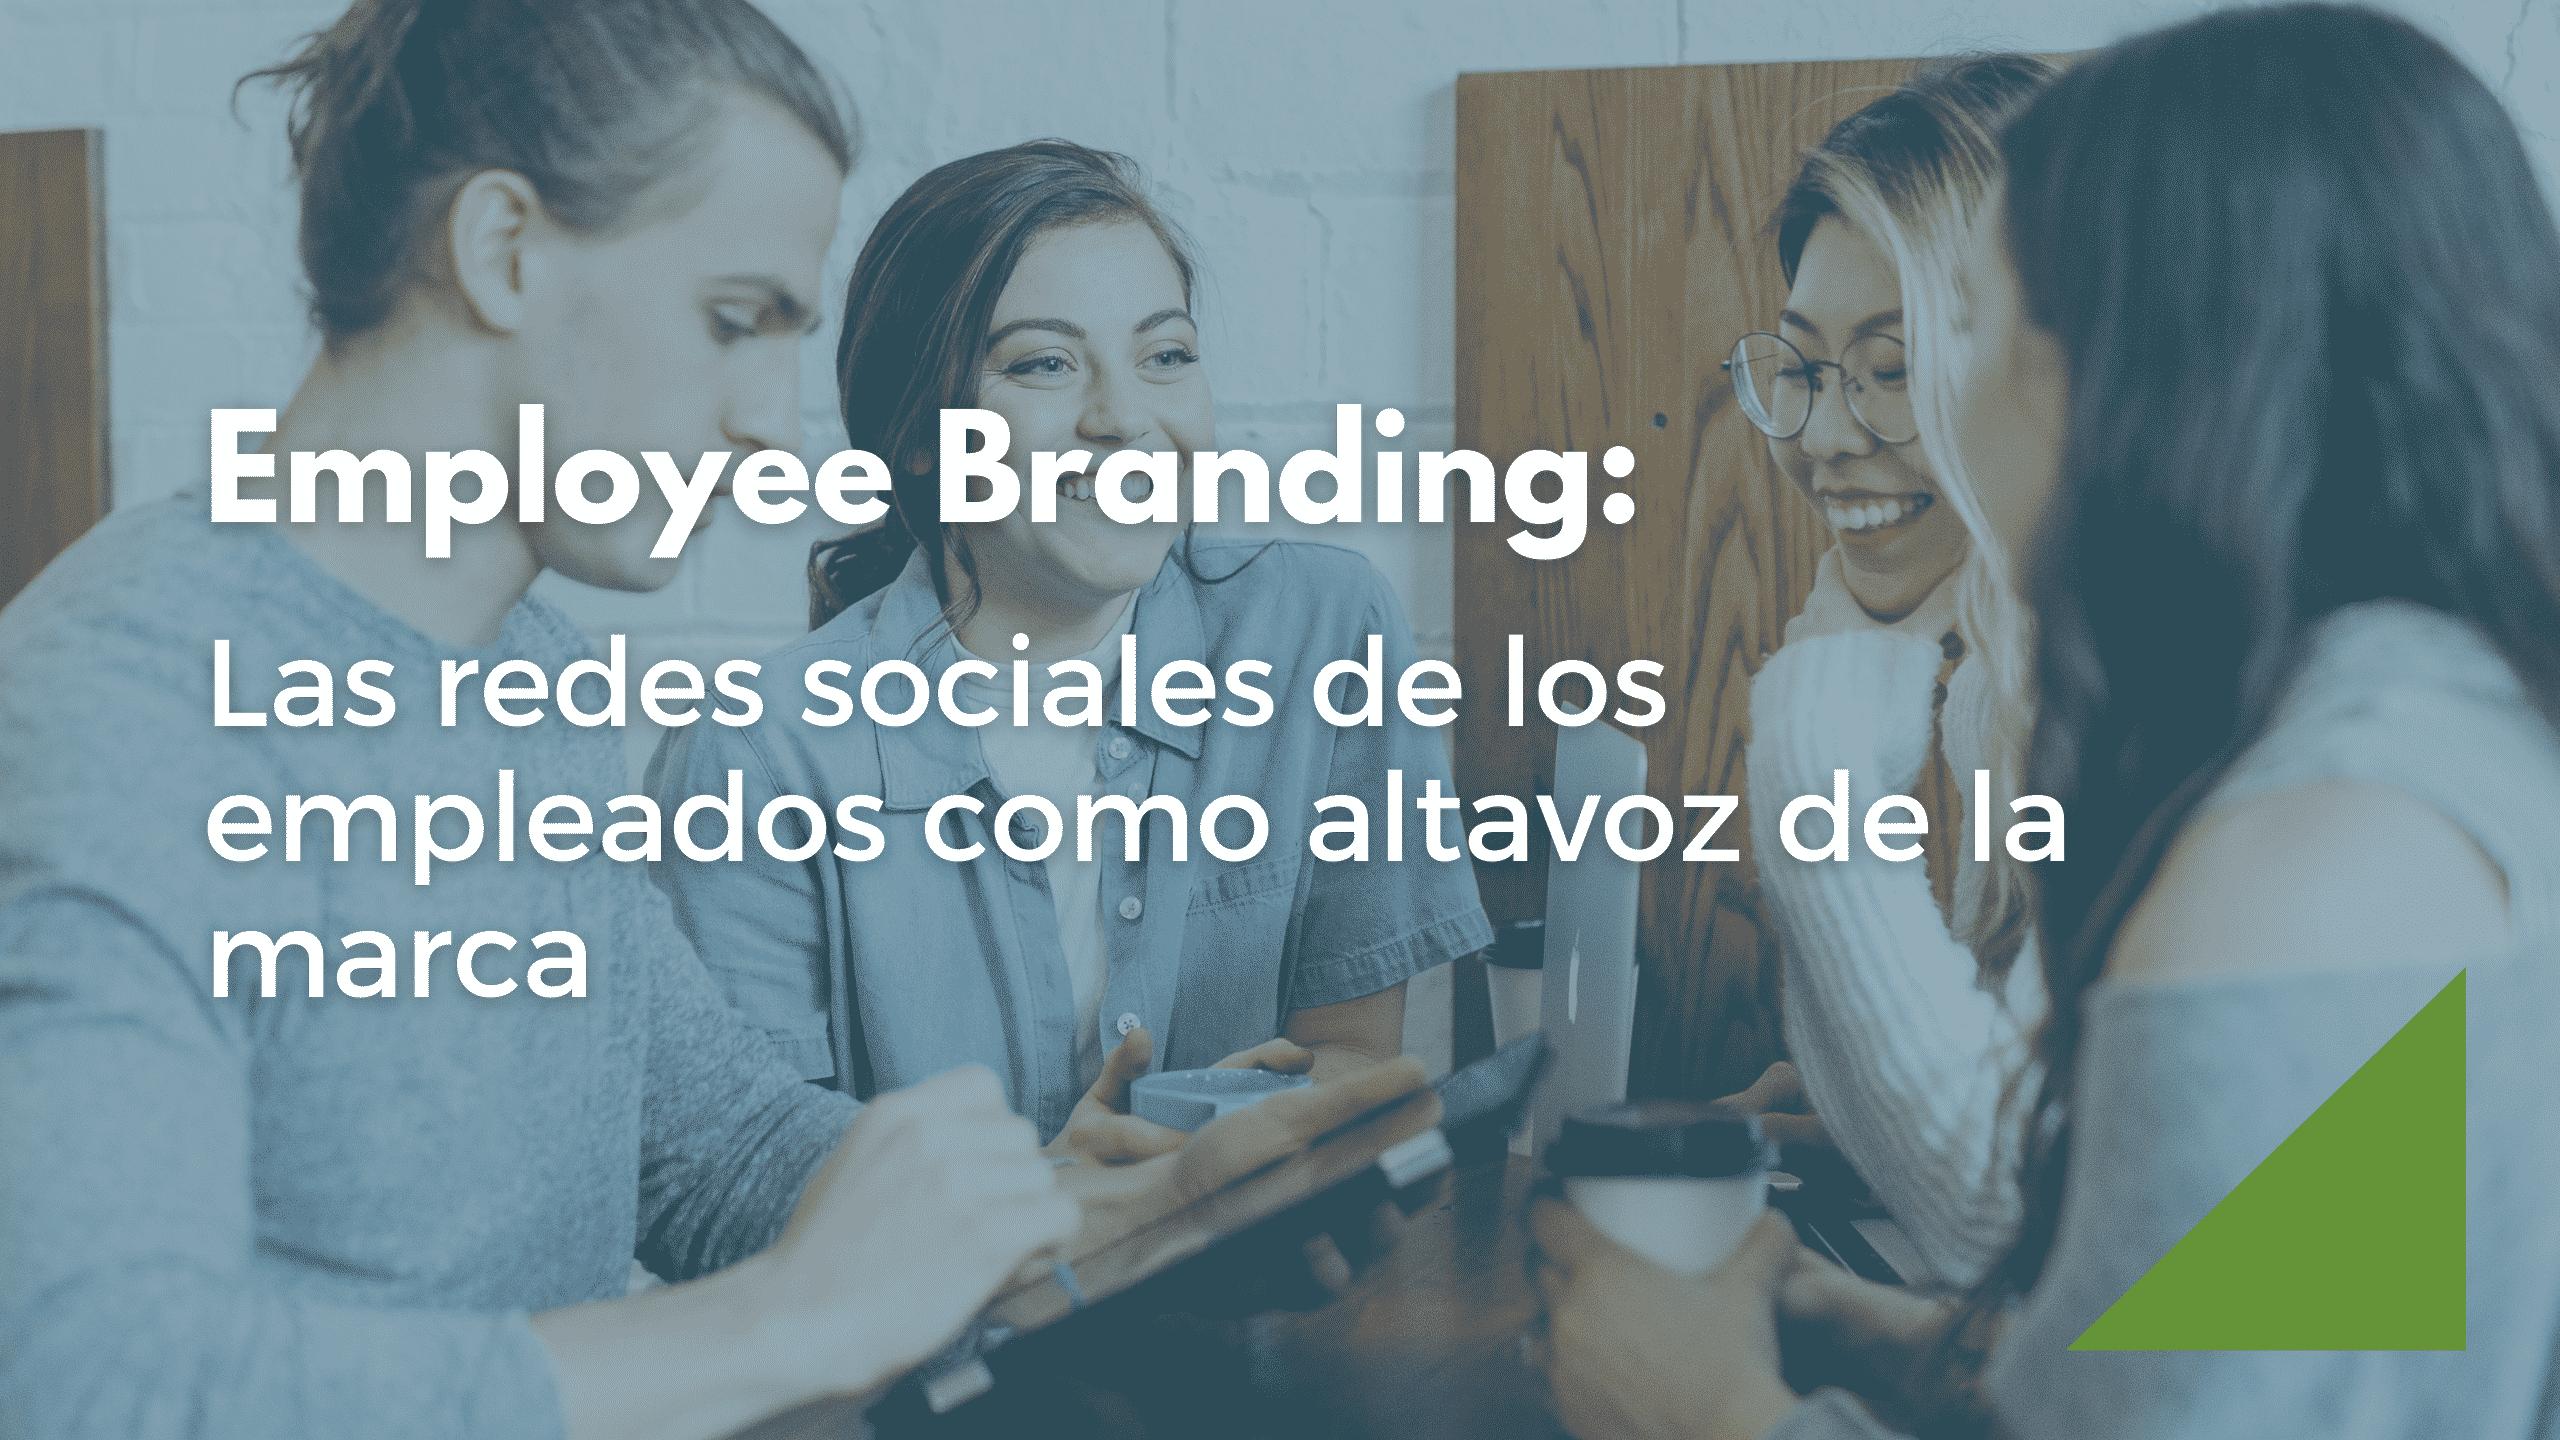 Employee Branding: las redes sociales de los empleados como altavoz de la marca